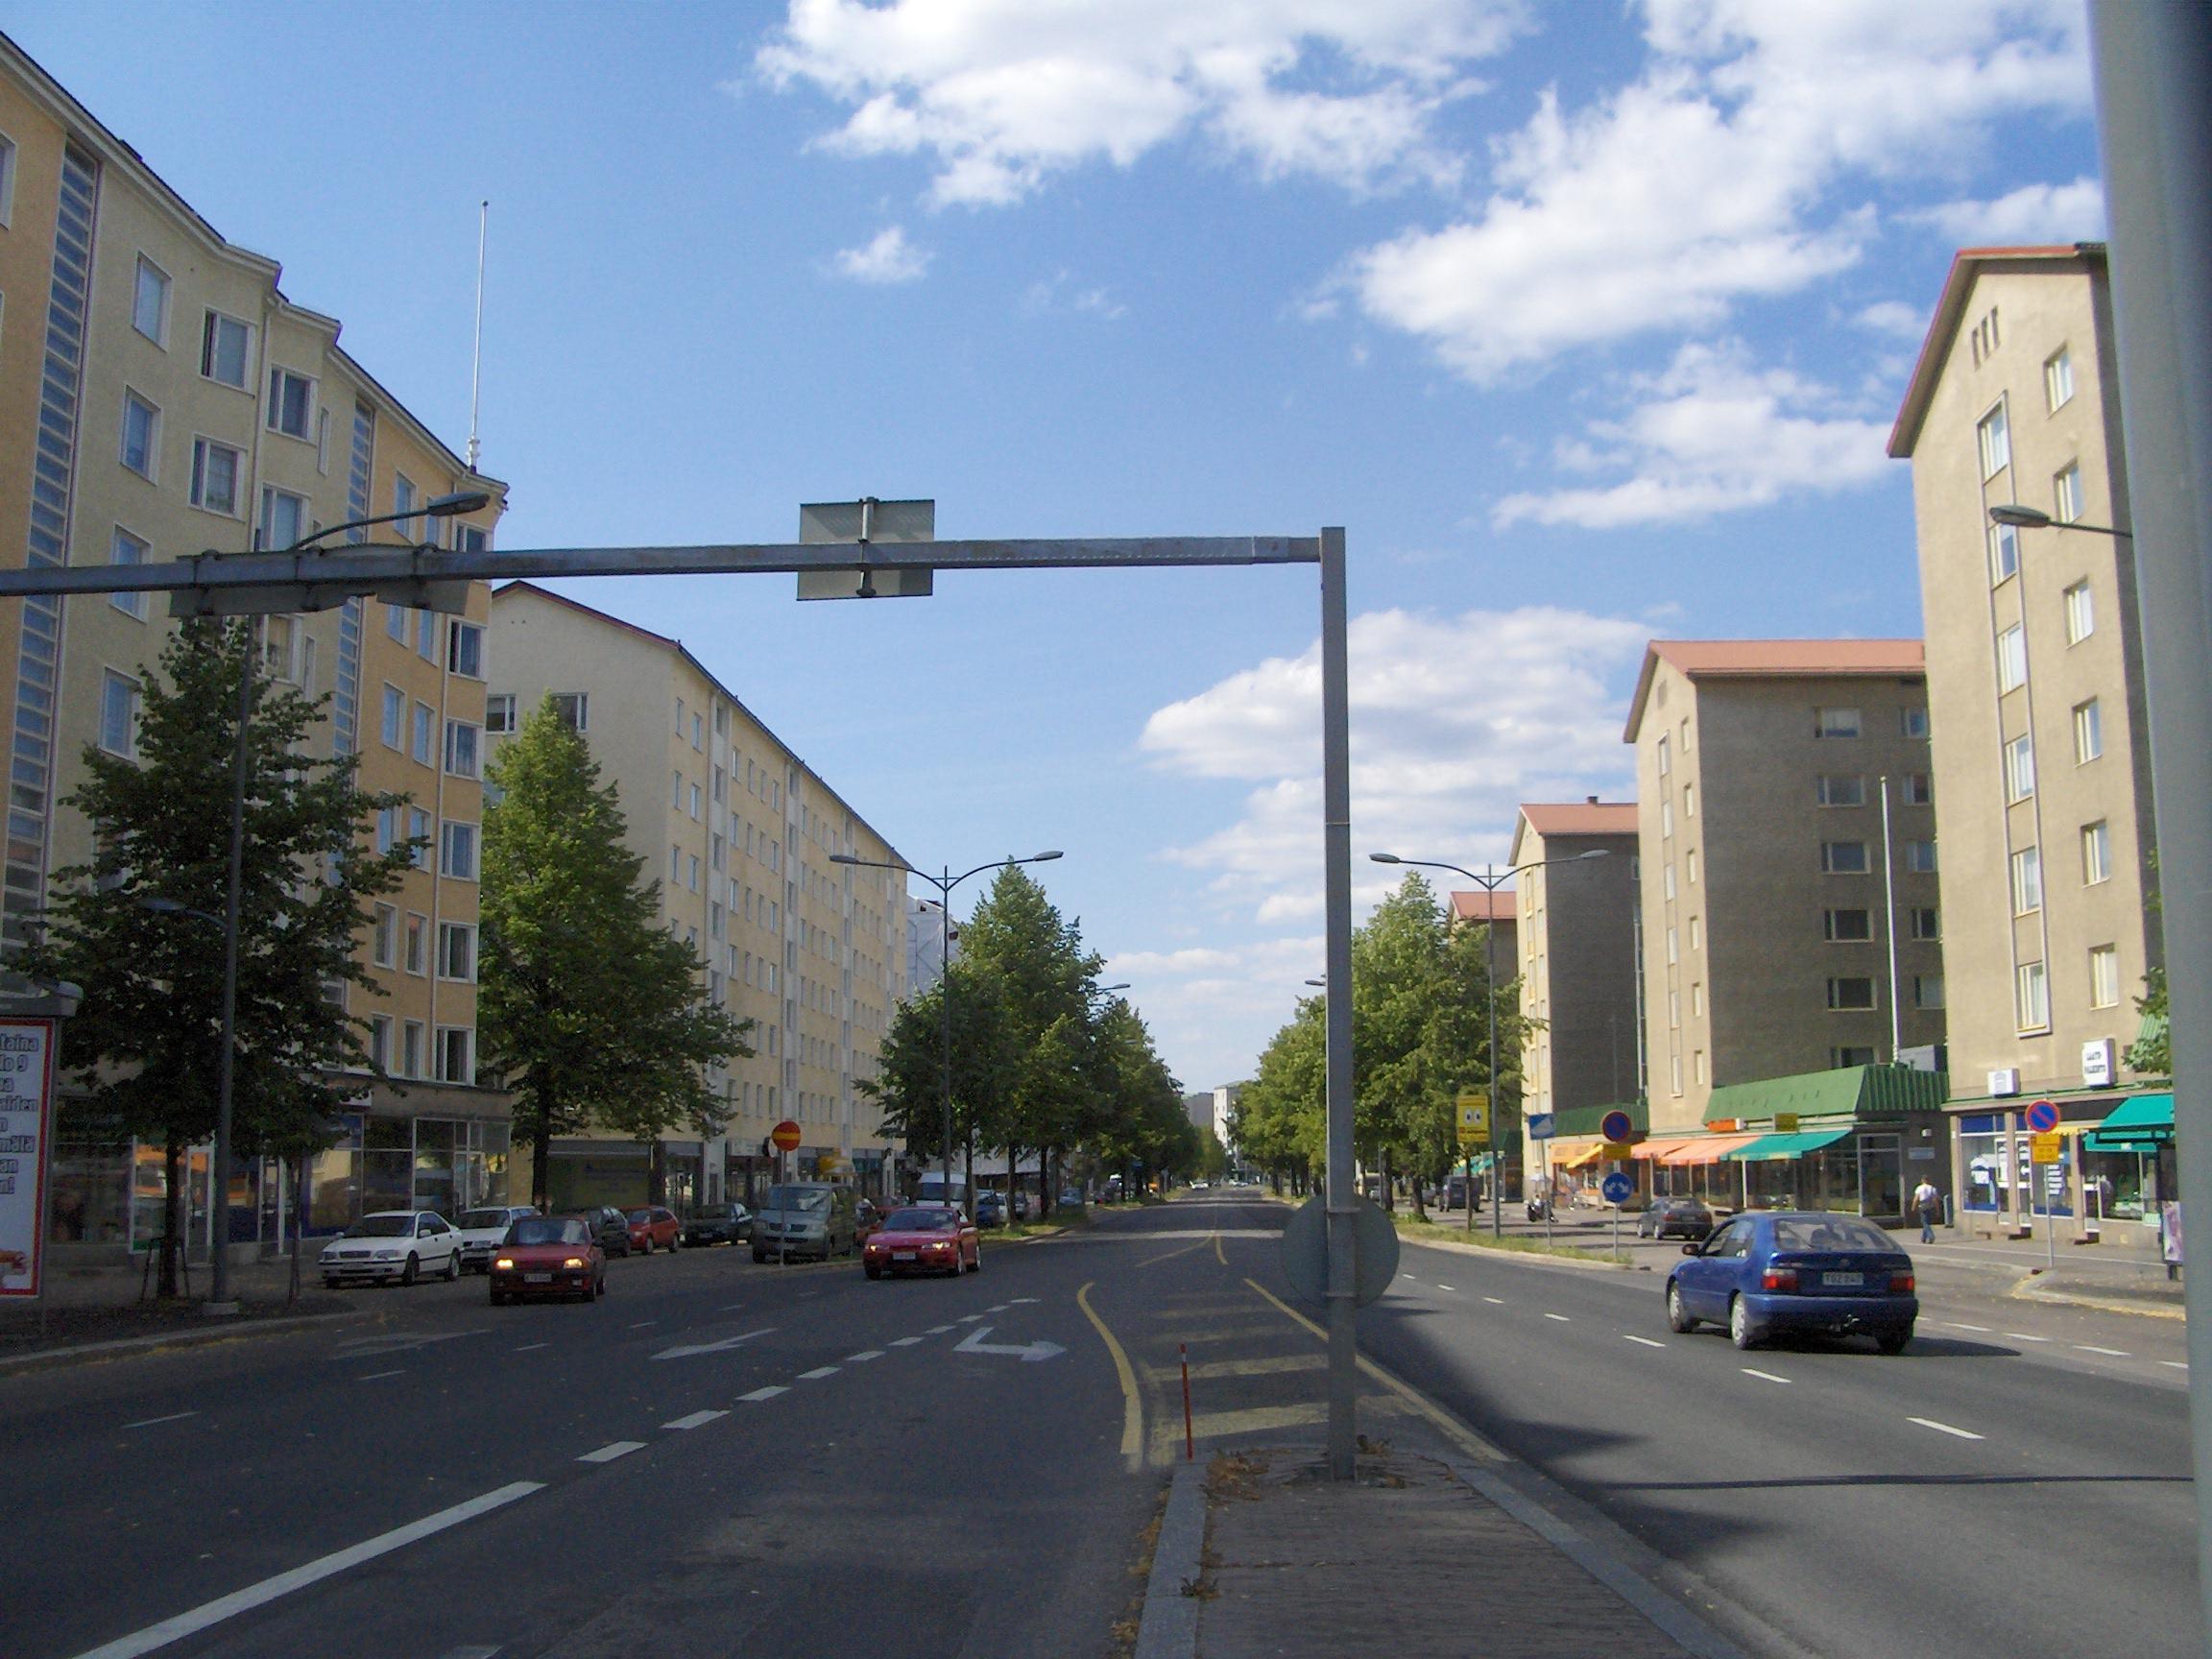 Kaleva (Tampere)